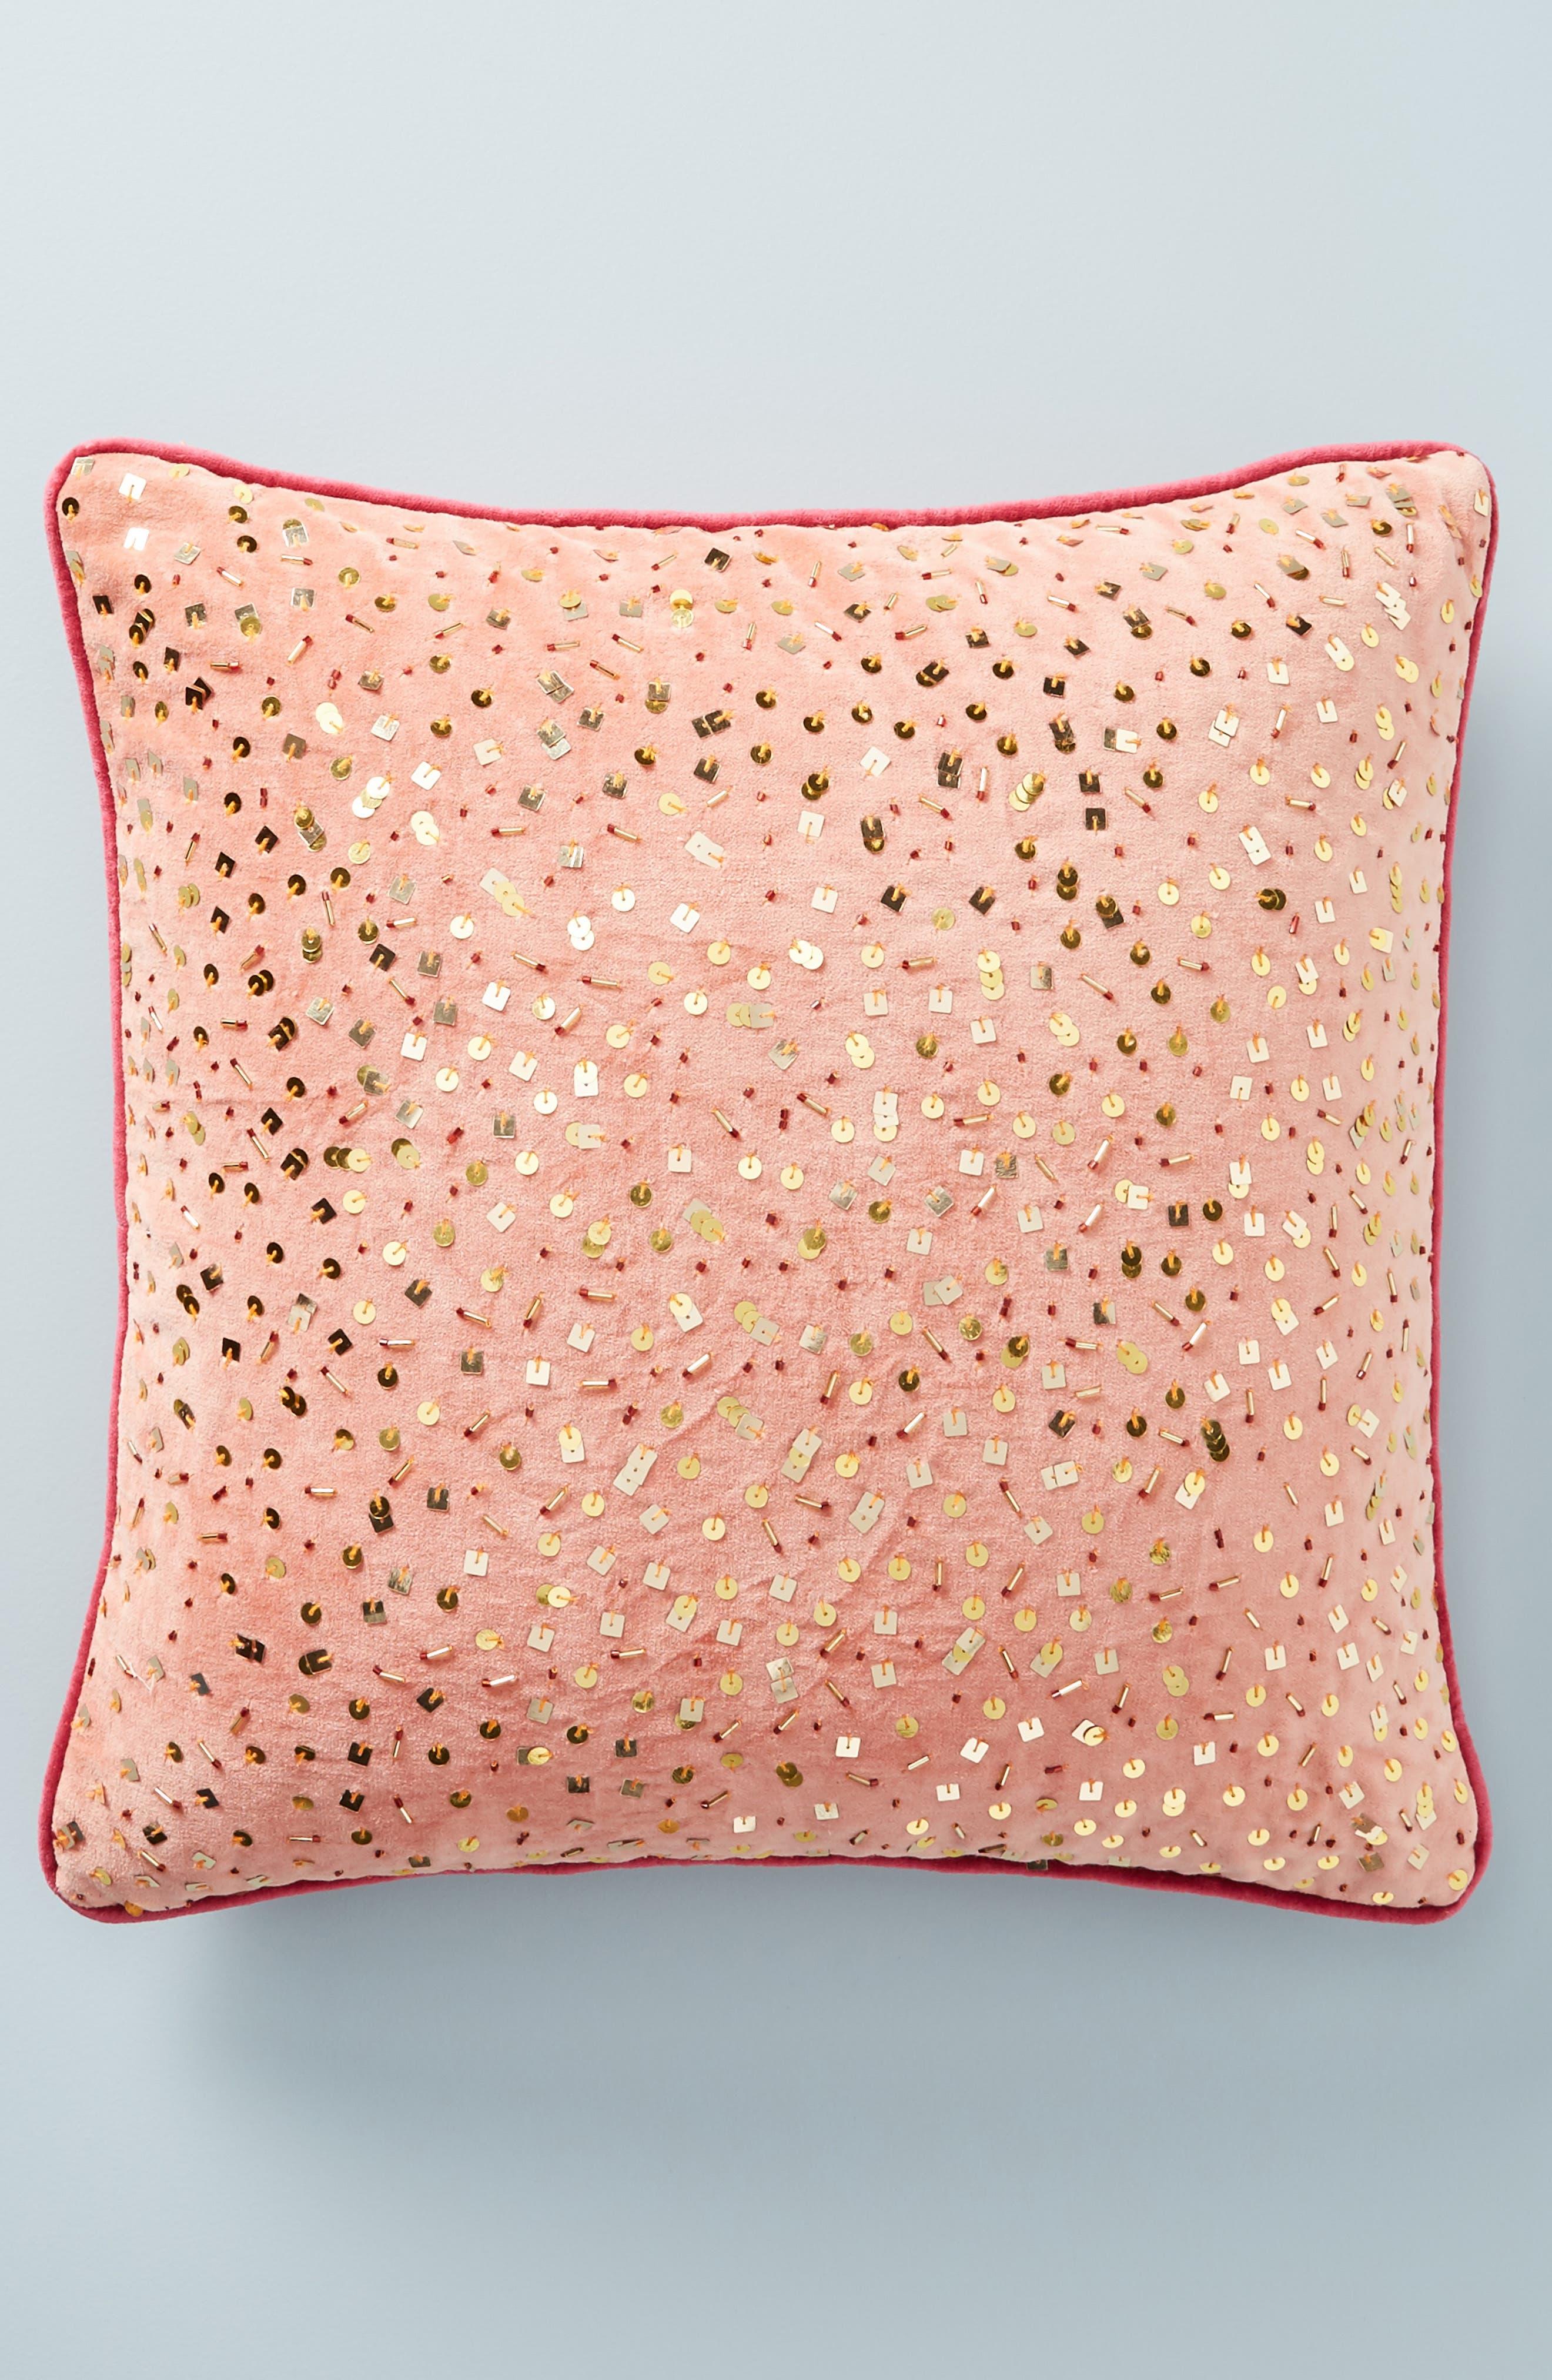 Confetti Velvet Accent Pillow,                             Main thumbnail 1, color,                             893